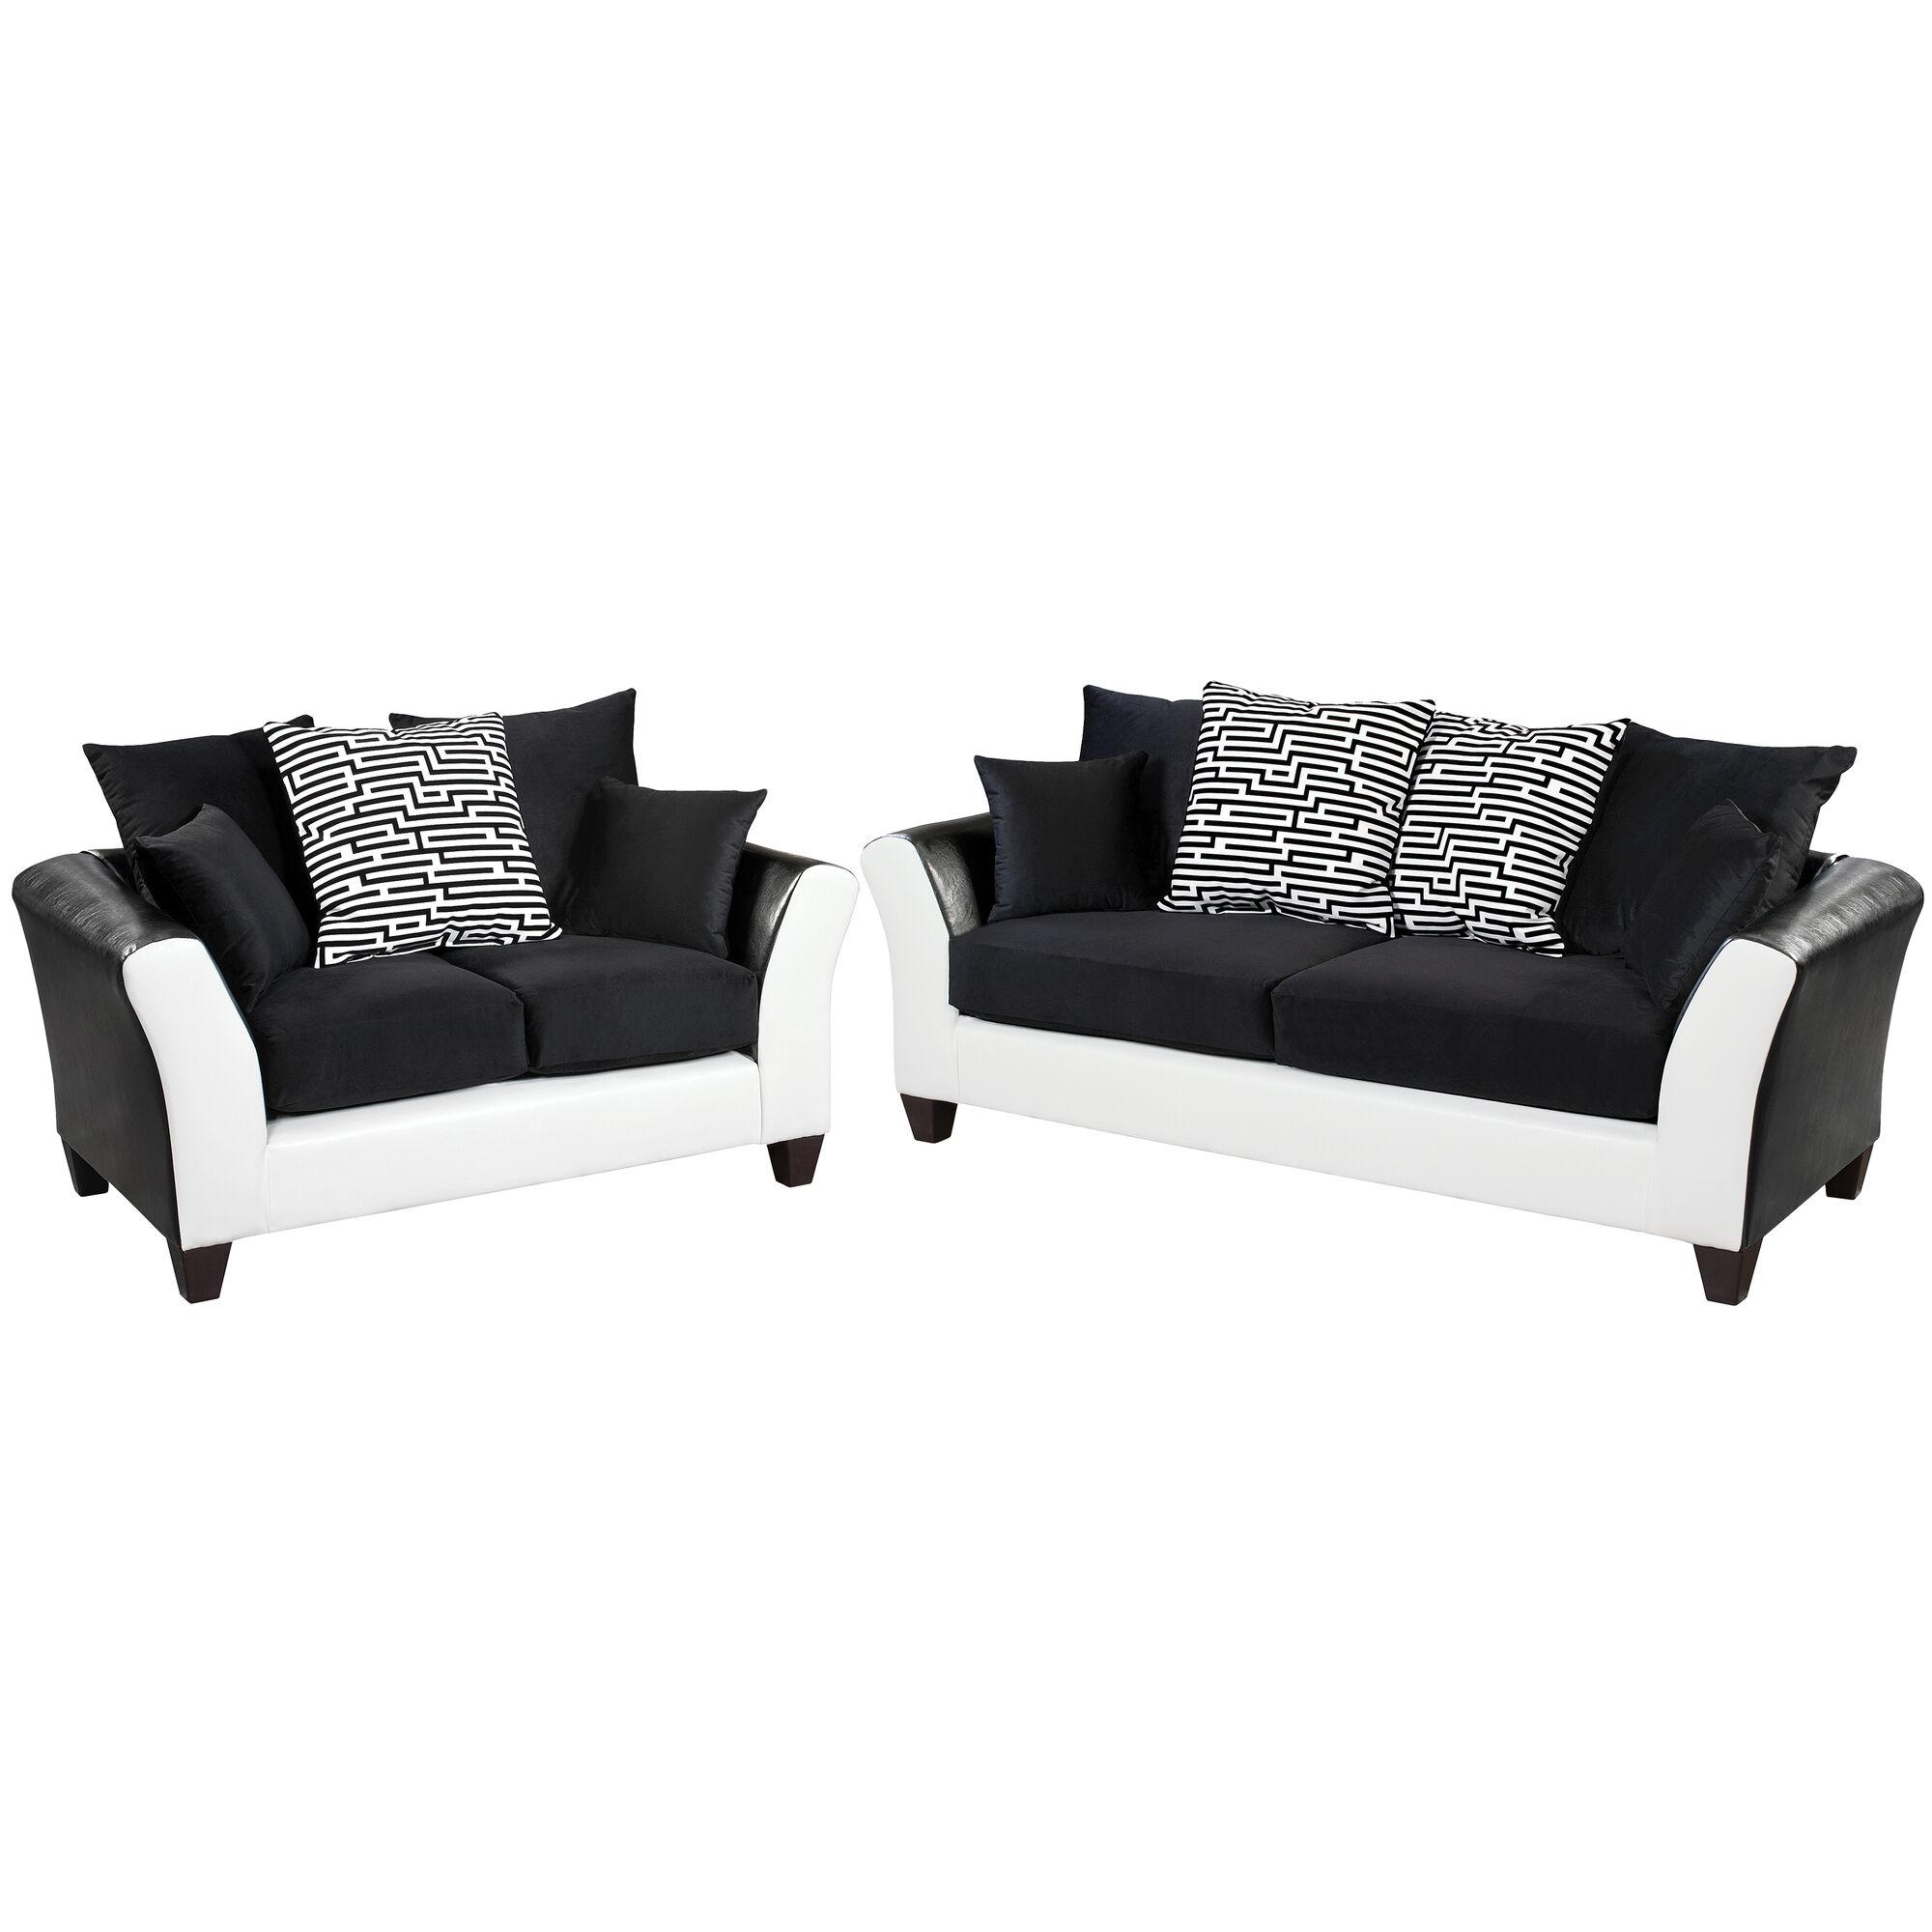 flash furniture riverstone implosion black velvet living room set rs 4173 02ls set gg. Black Bedroom Furniture Sets. Home Design Ideas